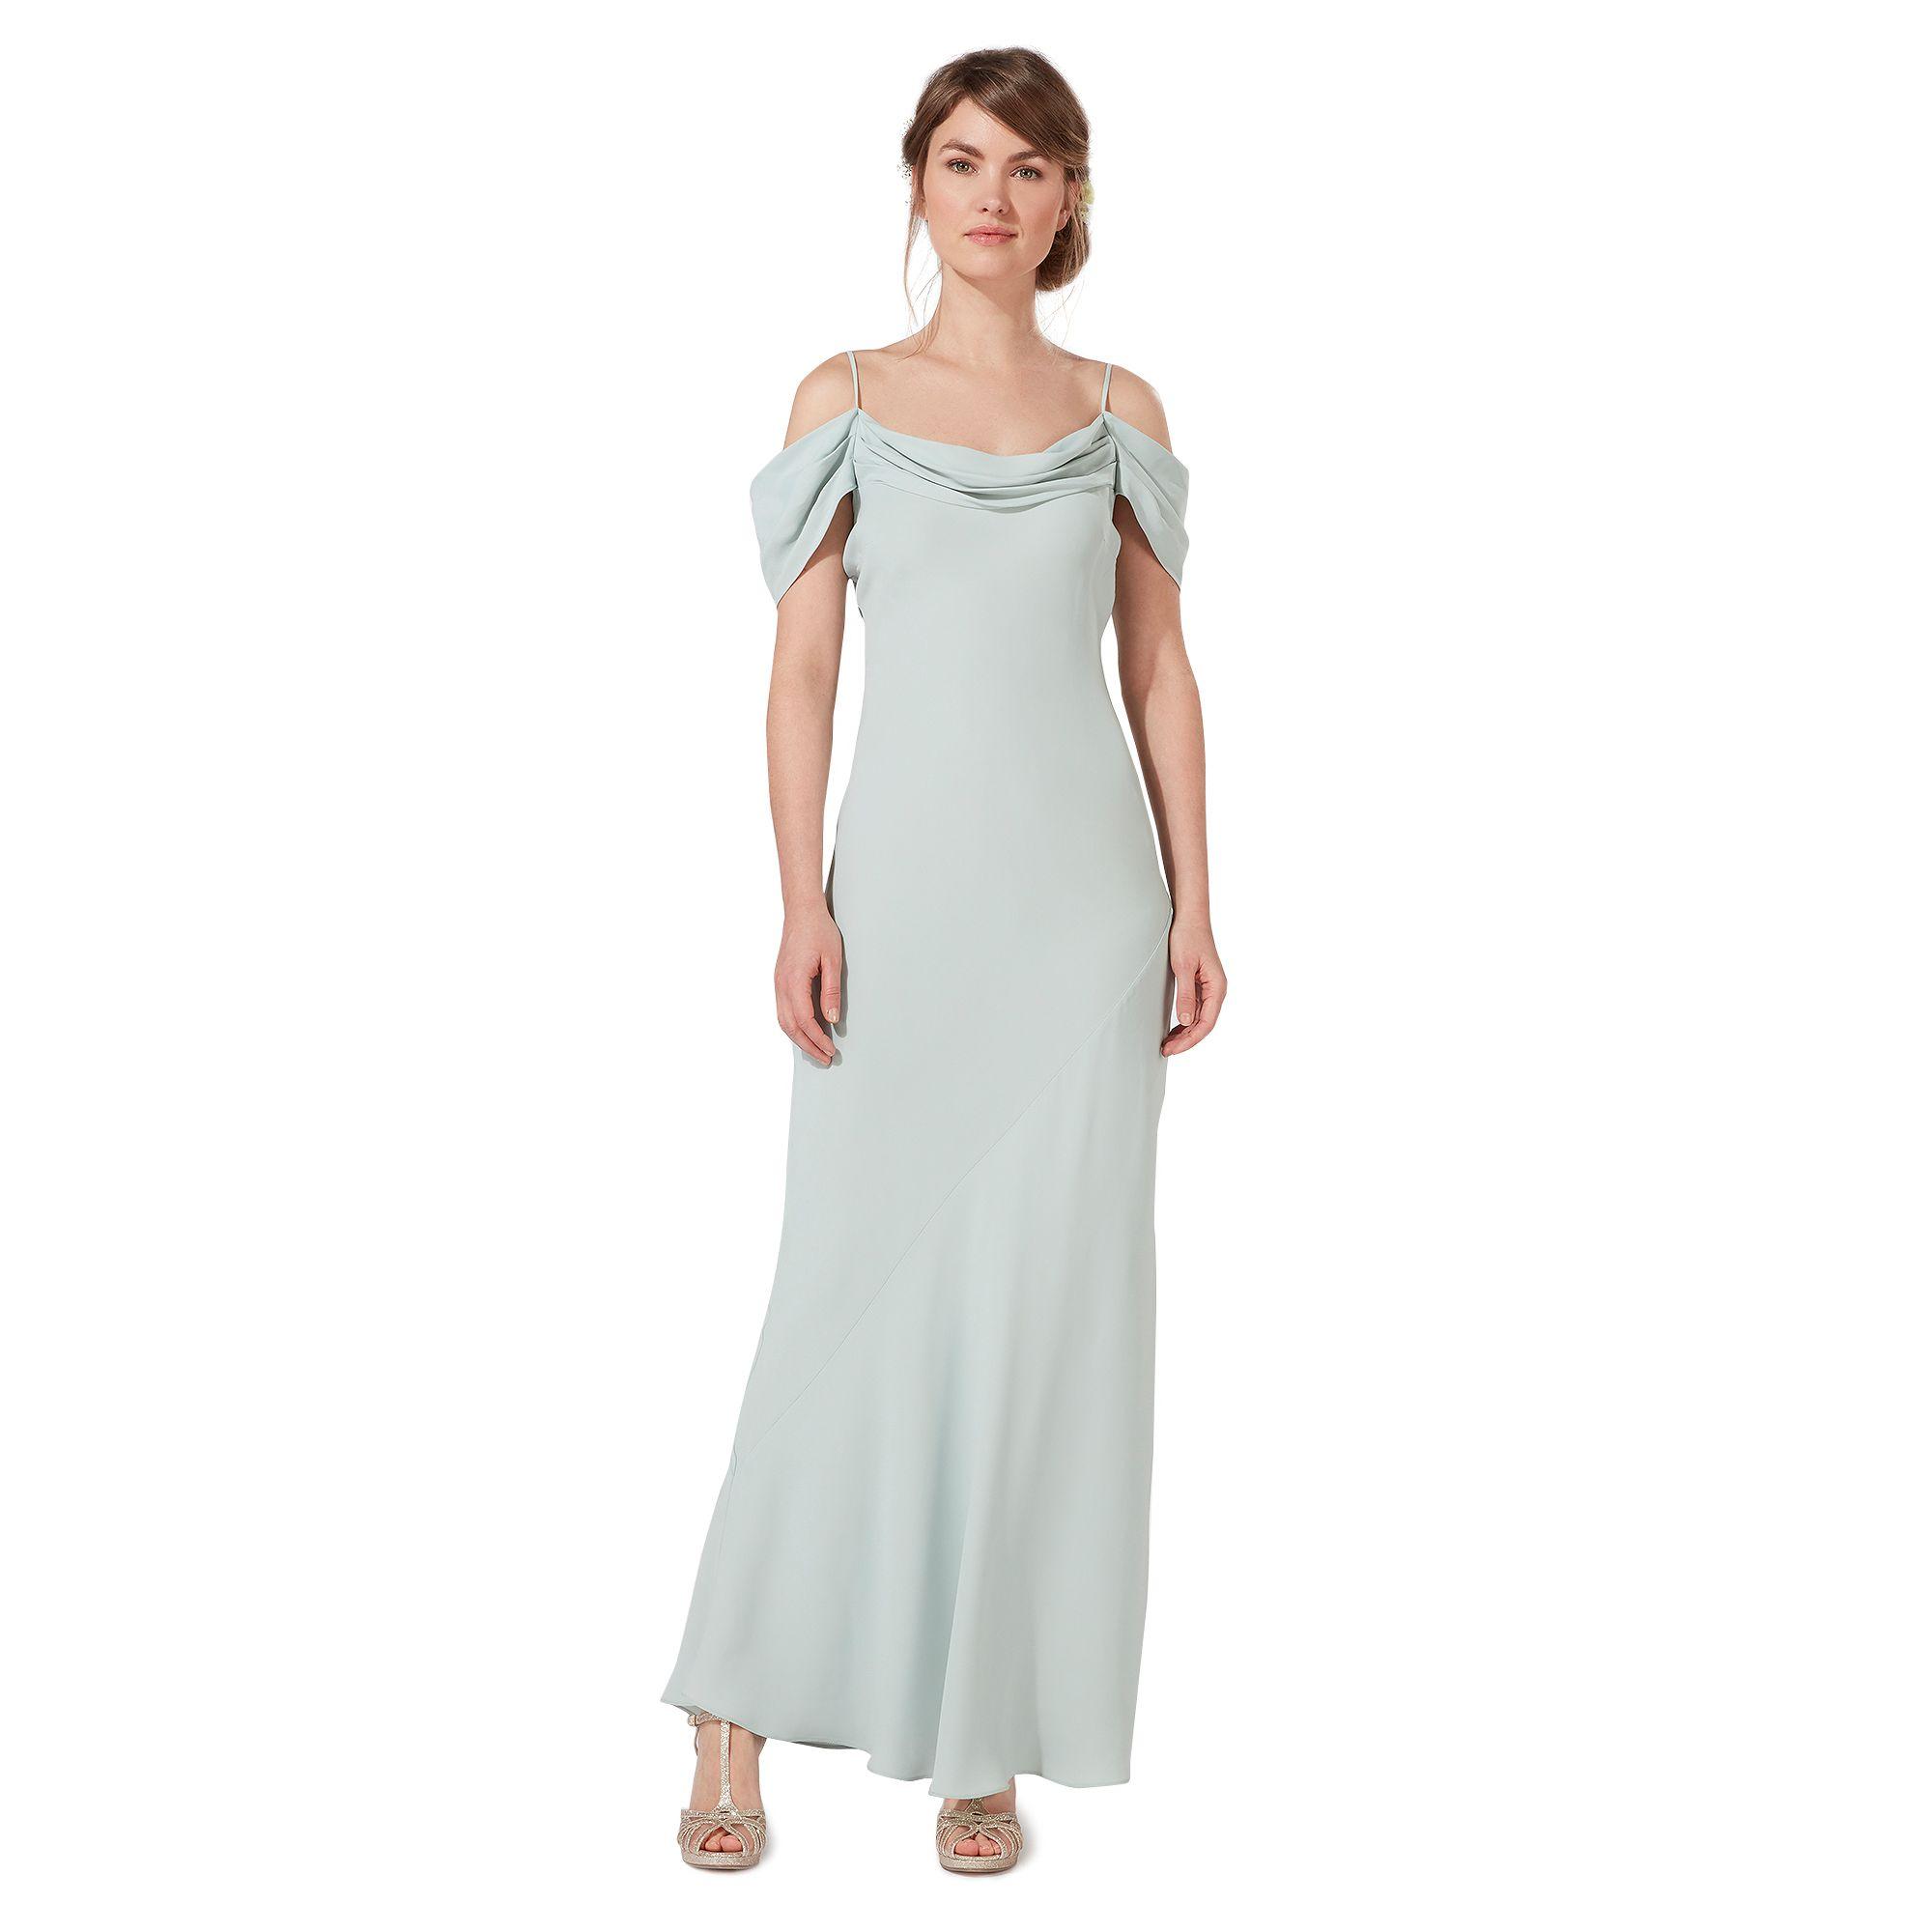 Fine Ball Gowns Debenhams Adornment - Ball Gown Wedding Dresses ...